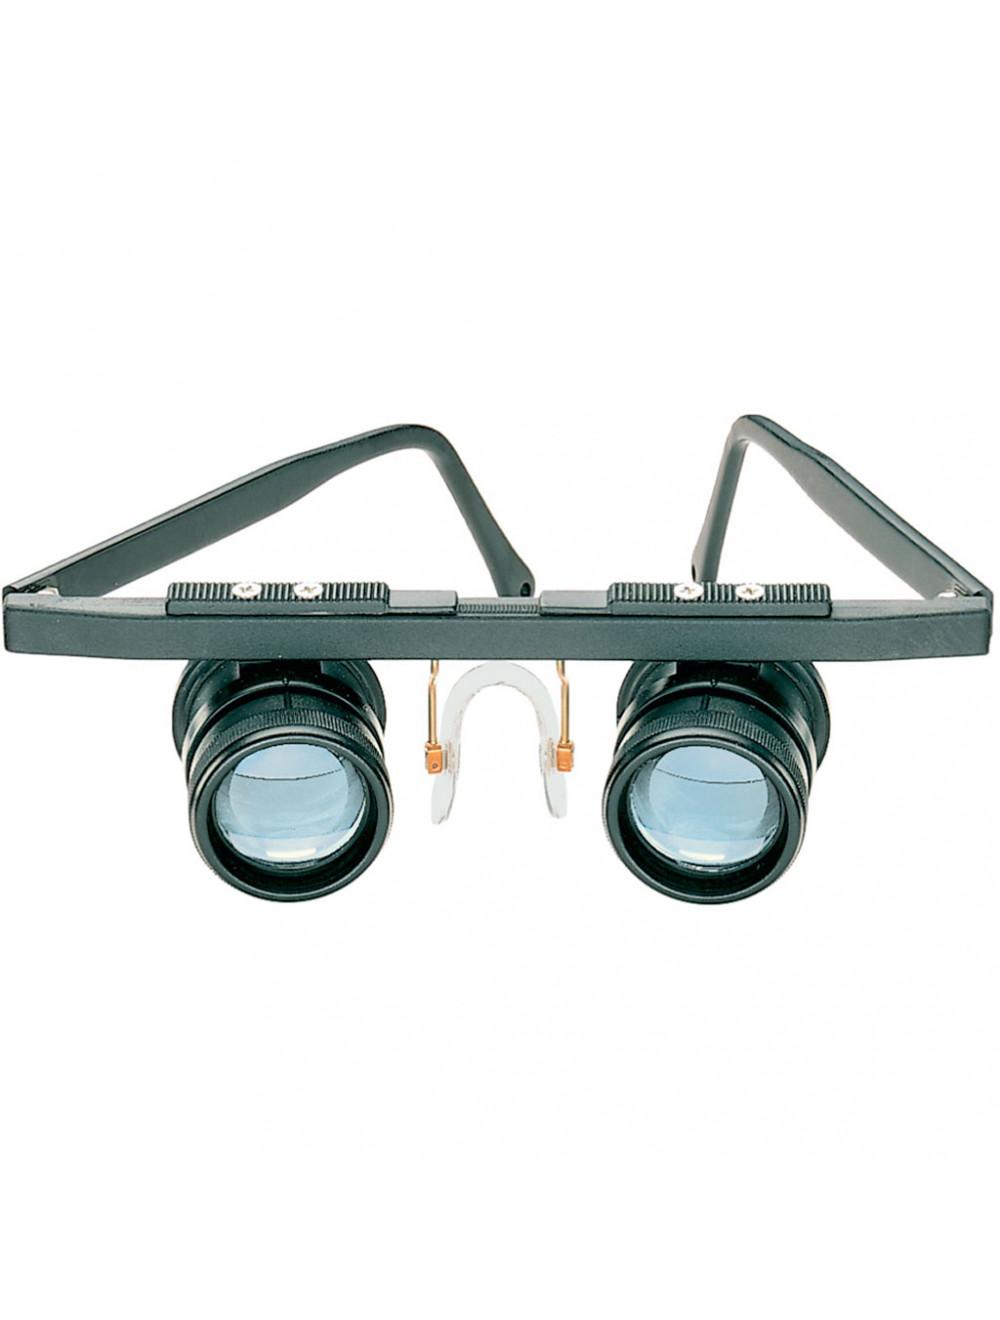 Das Produkt Eschenbach ridoMED Lupenbrille, 4,0 x, binokular 16364 aus dem Global-dent online shop.